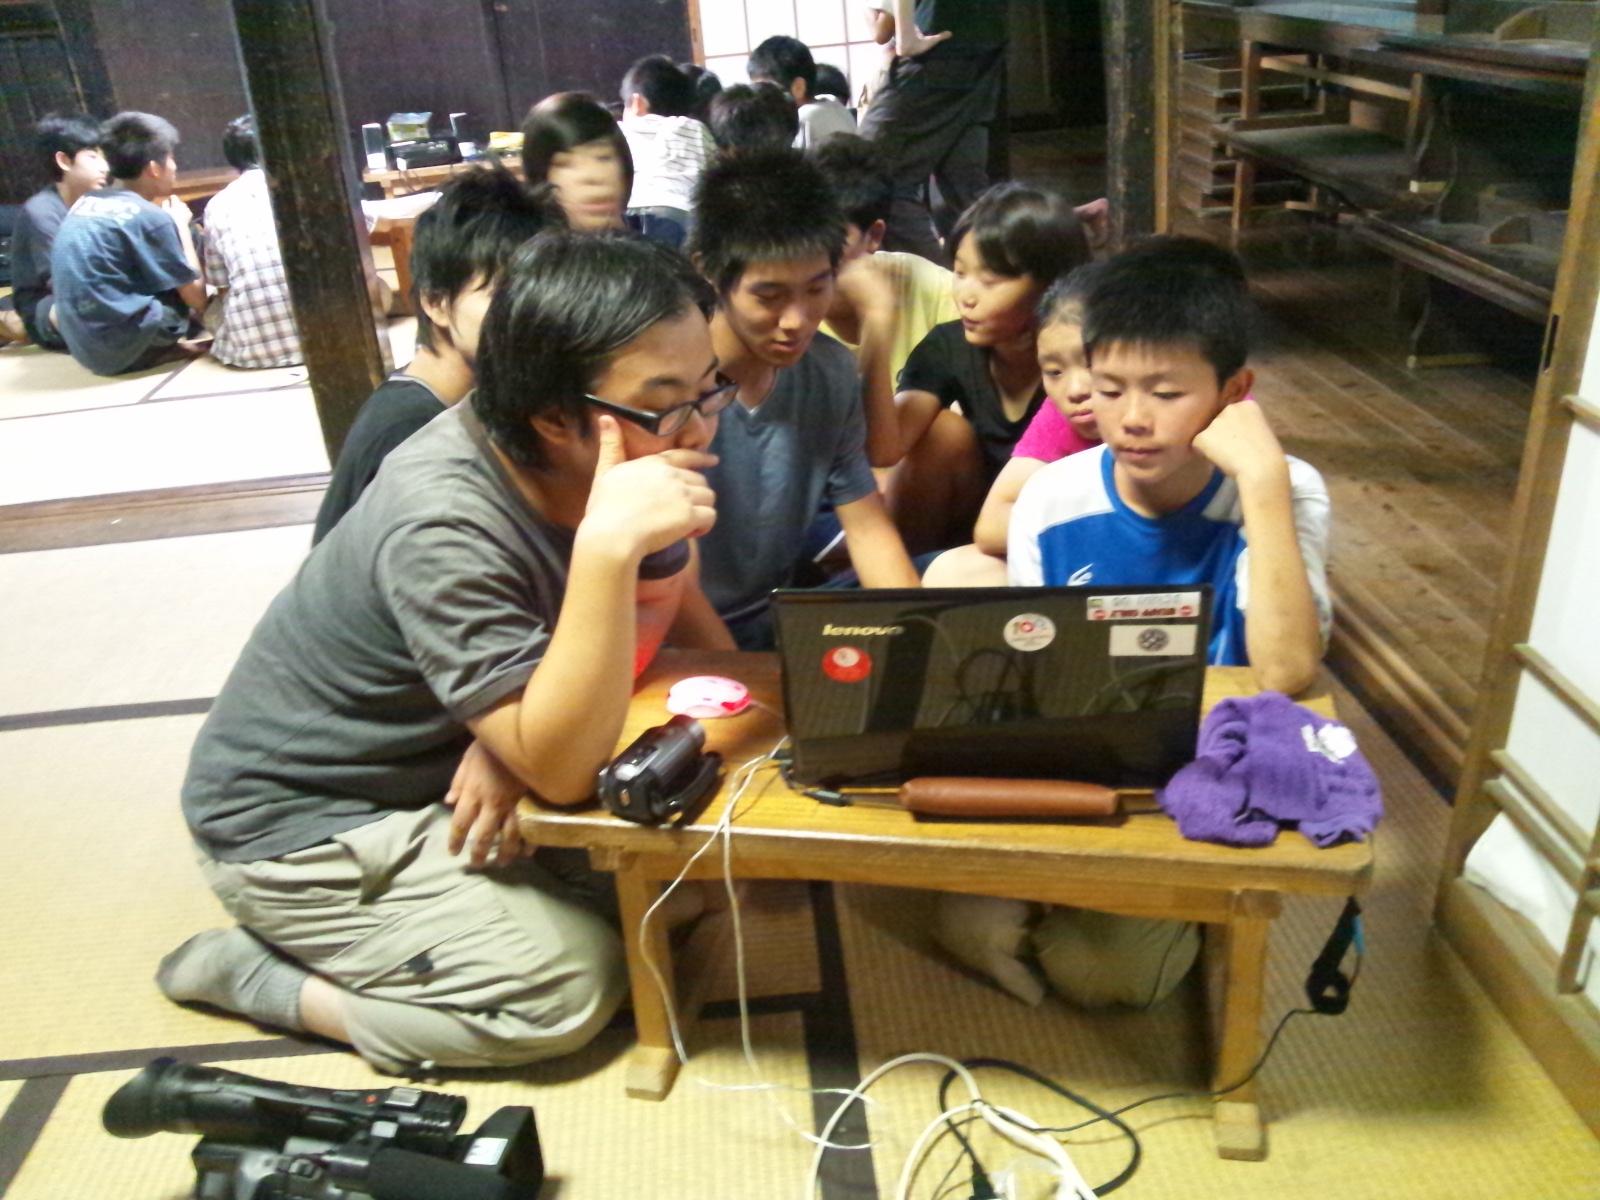 湘南市民メディアネットワークによる映像制作講座の様子